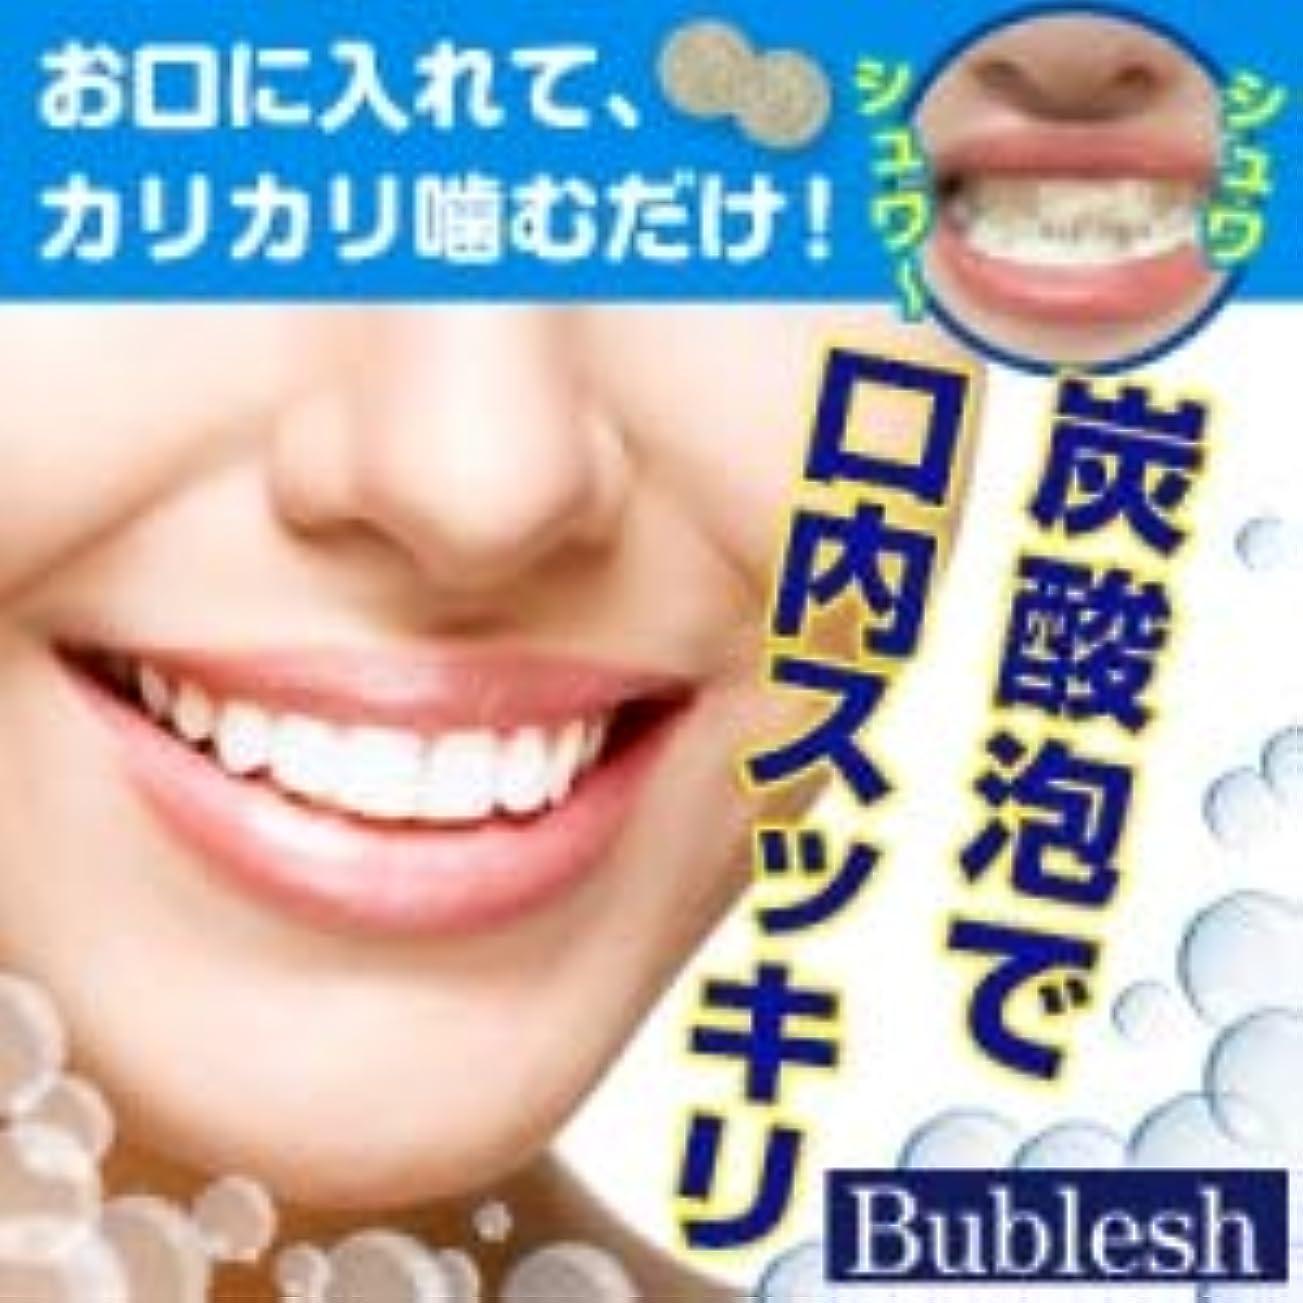 春代名詞安西【オーラルケアウォッシュバブレッシュ】 30 粒 炭酸 タブレット 歯磨き